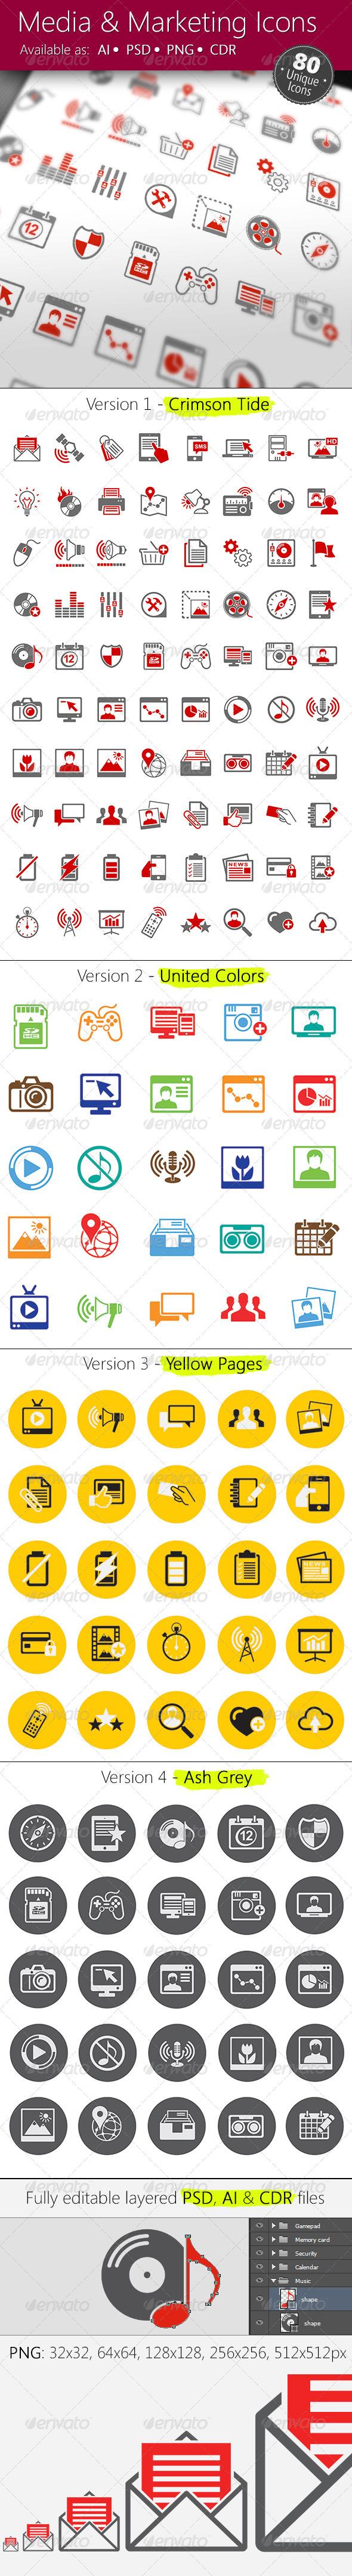 Media & Marketing Icons Set - Web Icons